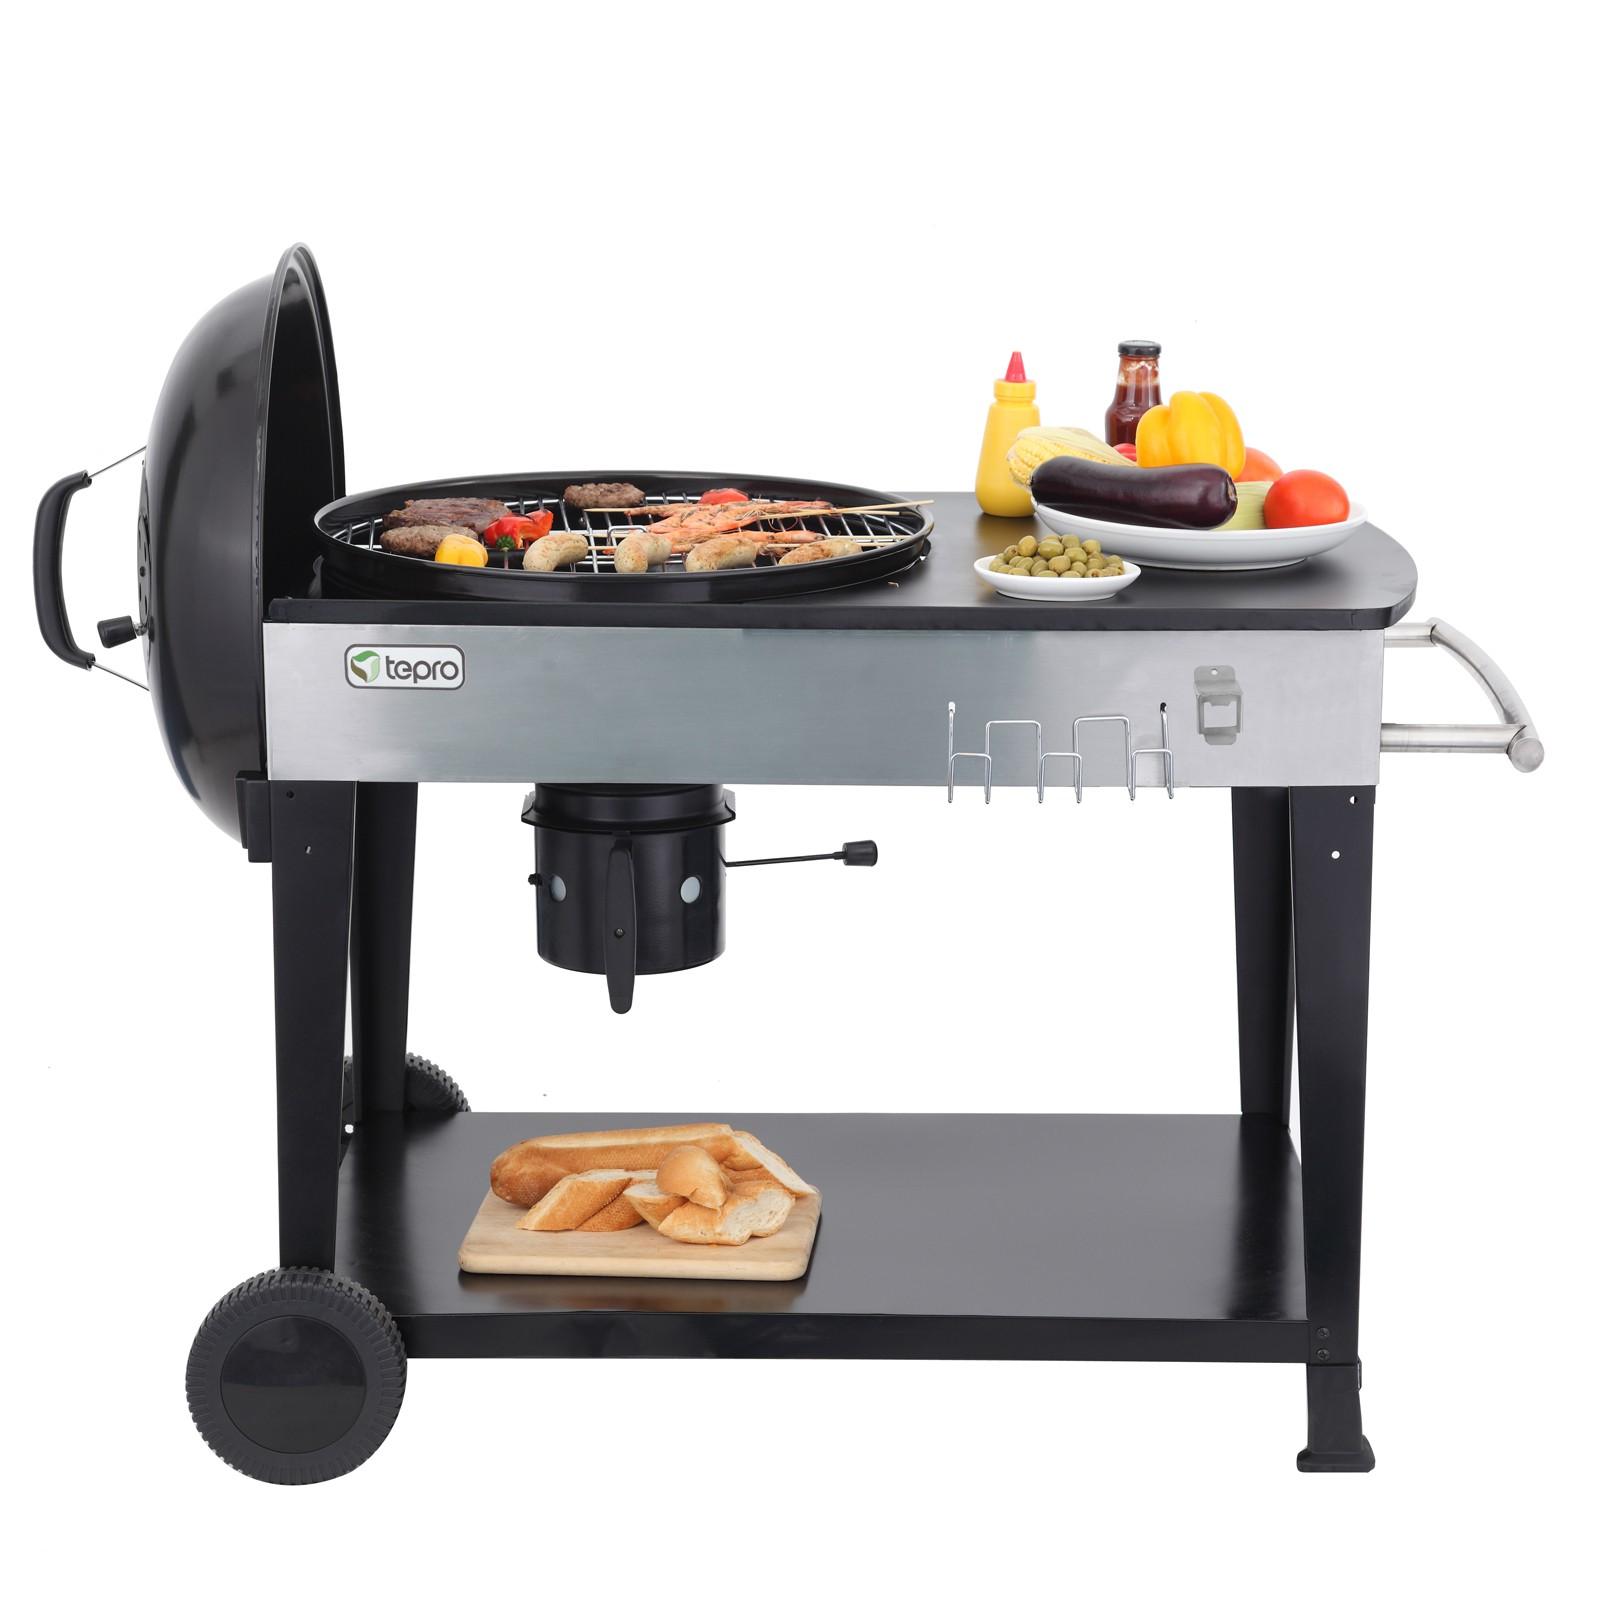 tepro holzkohlegrill kugelgrill grillwagen barbecue garten kohlegrill belmont ebay. Black Bedroom Furniture Sets. Home Design Ideas